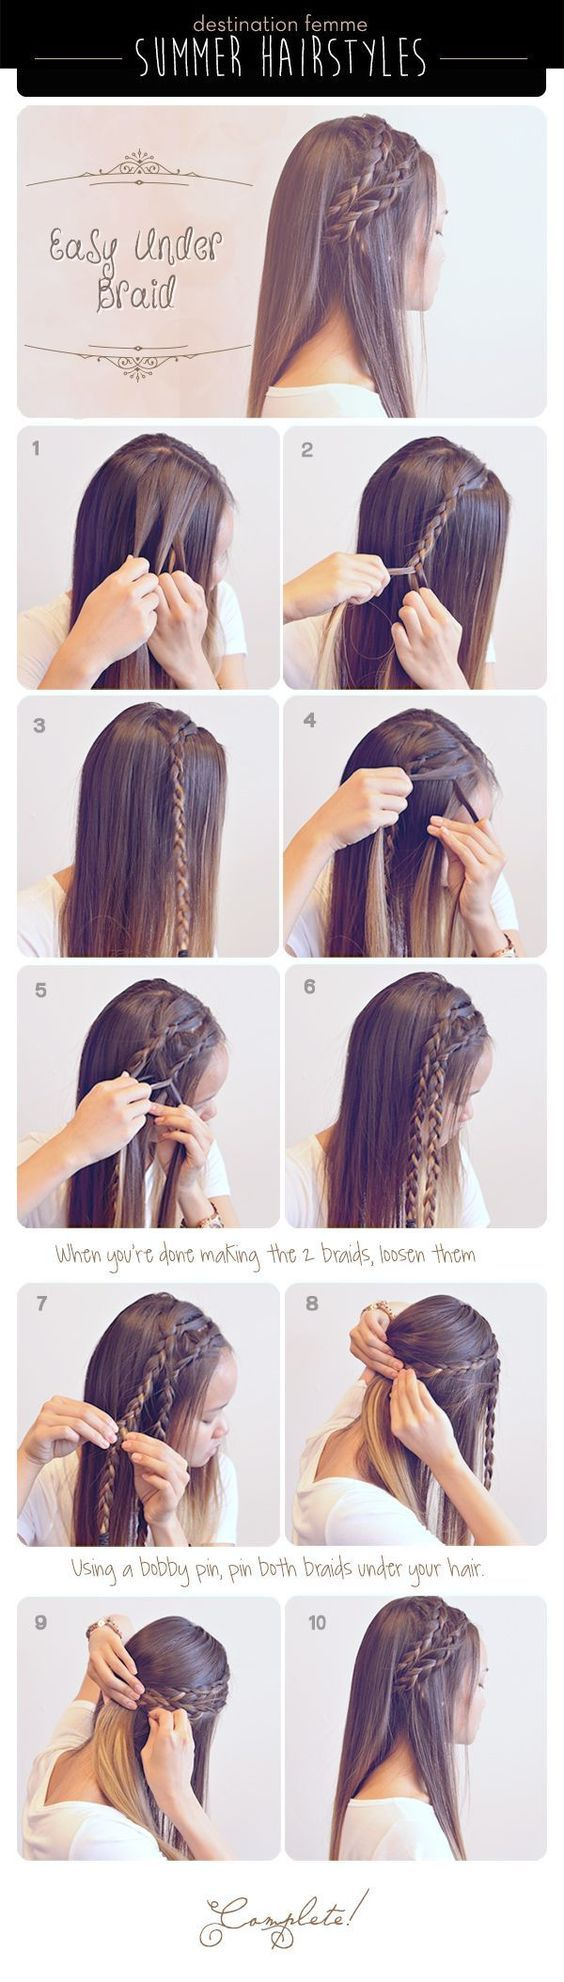 ¡Tutoriales de peinado simples y fáciles para tu look diario!